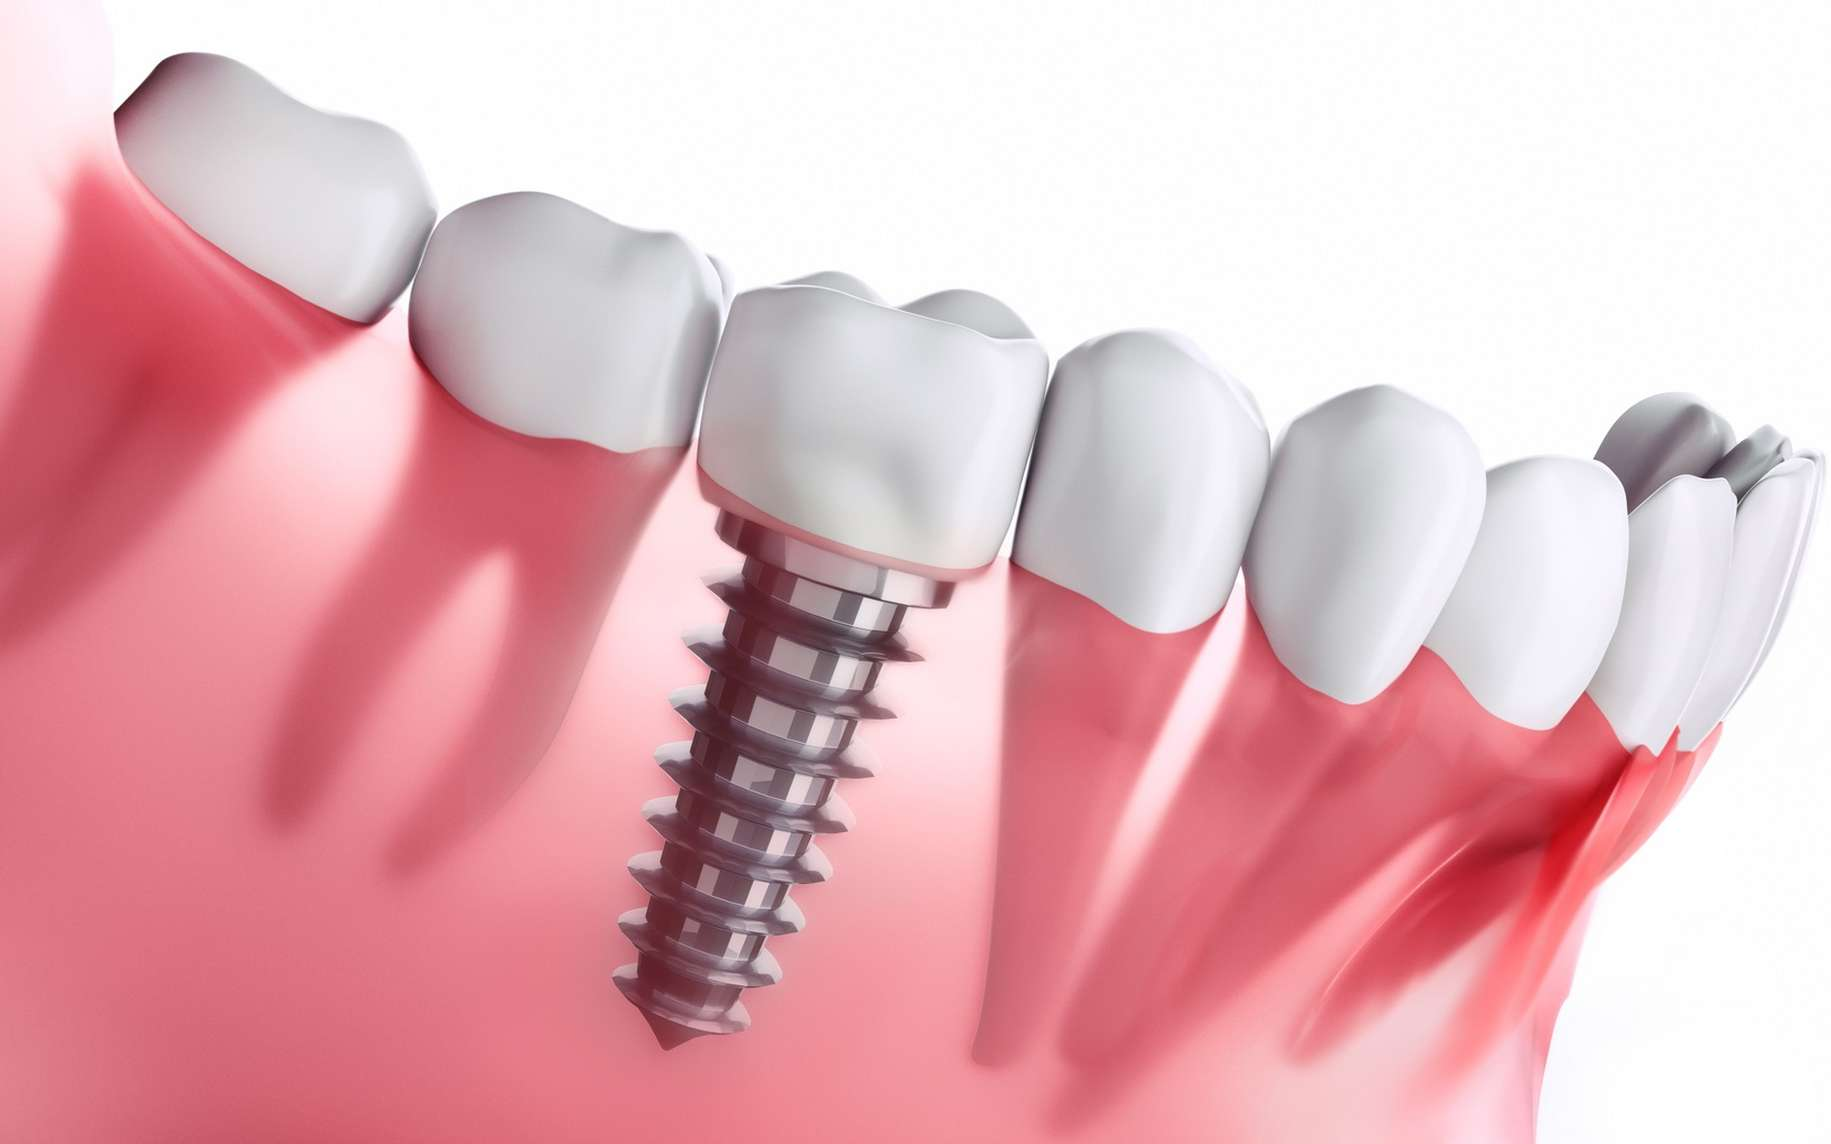 L'implant dentaire comprend une vis biocompatible pour fixer la couronne dans la gencive. © peterschreiber.media, Fotolia